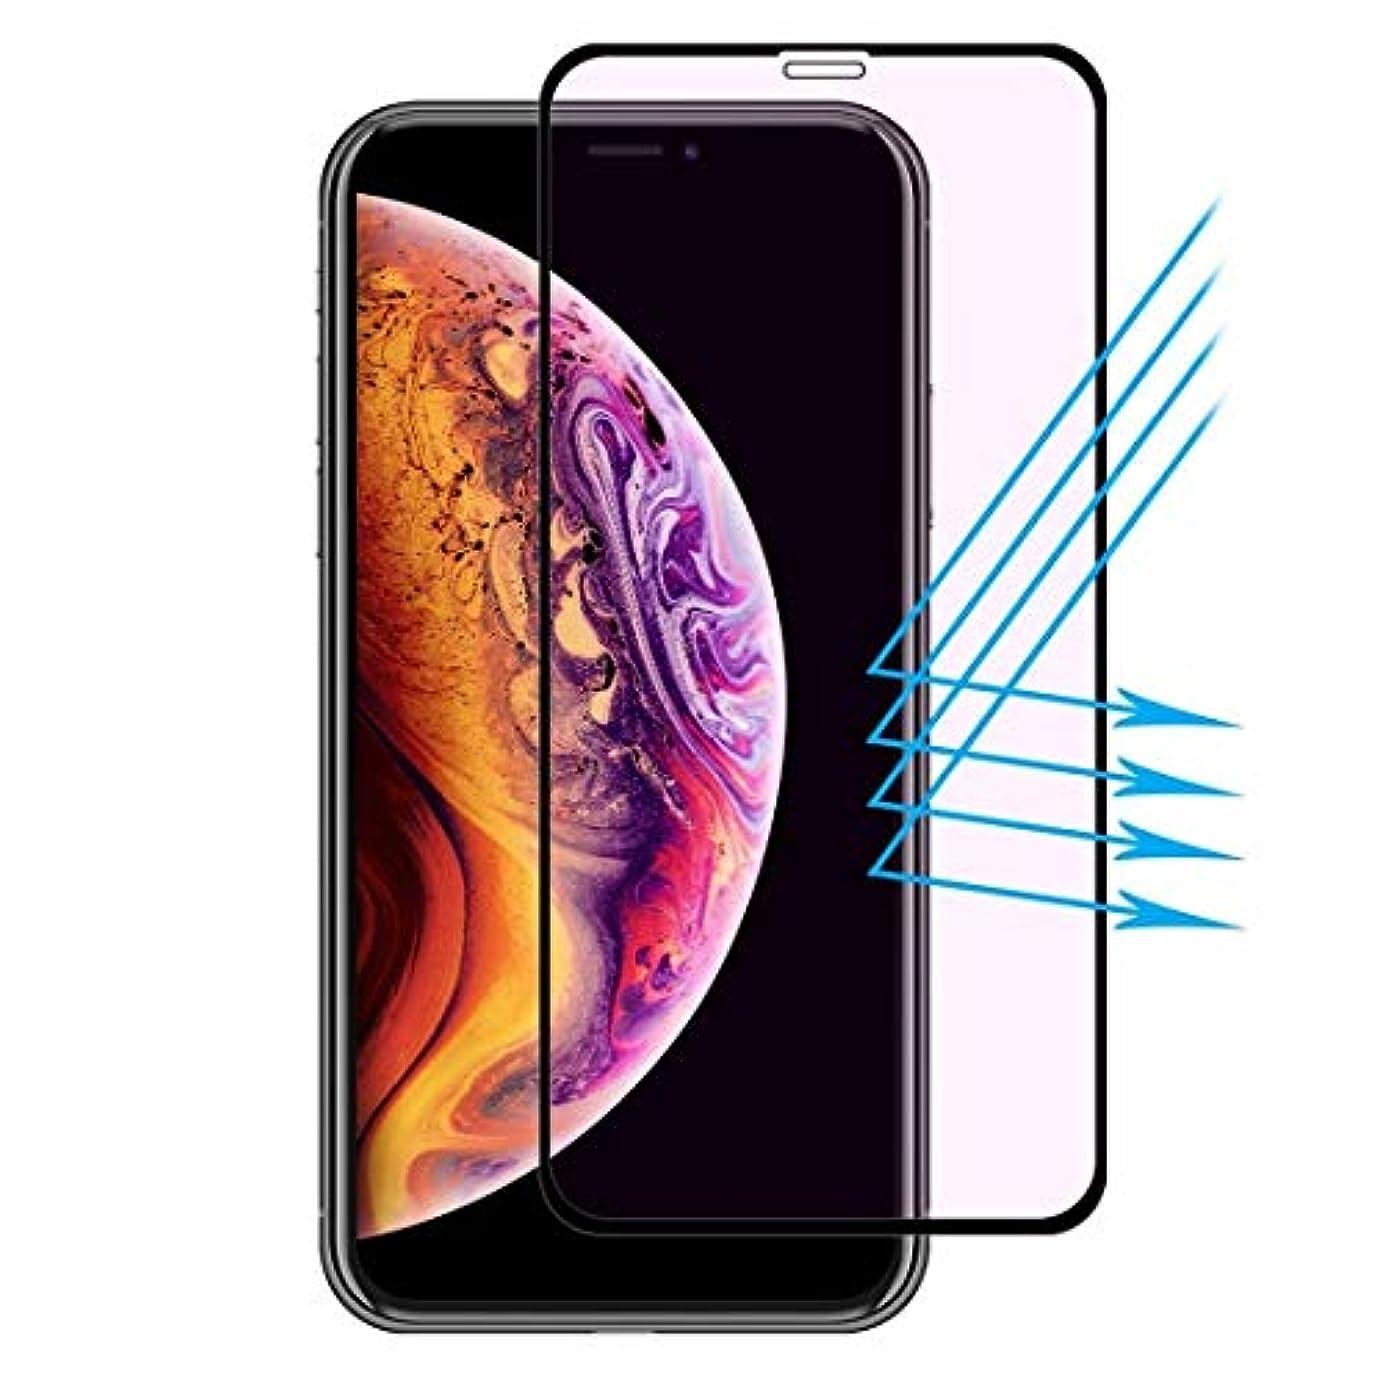 ルアーロータリーすでにQIANMEIJIA 総のり0.26ミリメートルIPhone XSについては9H 2.5Dカービングエッジアンチブルーレイフルスクリーン強化ガラスフィルム 電話ケース